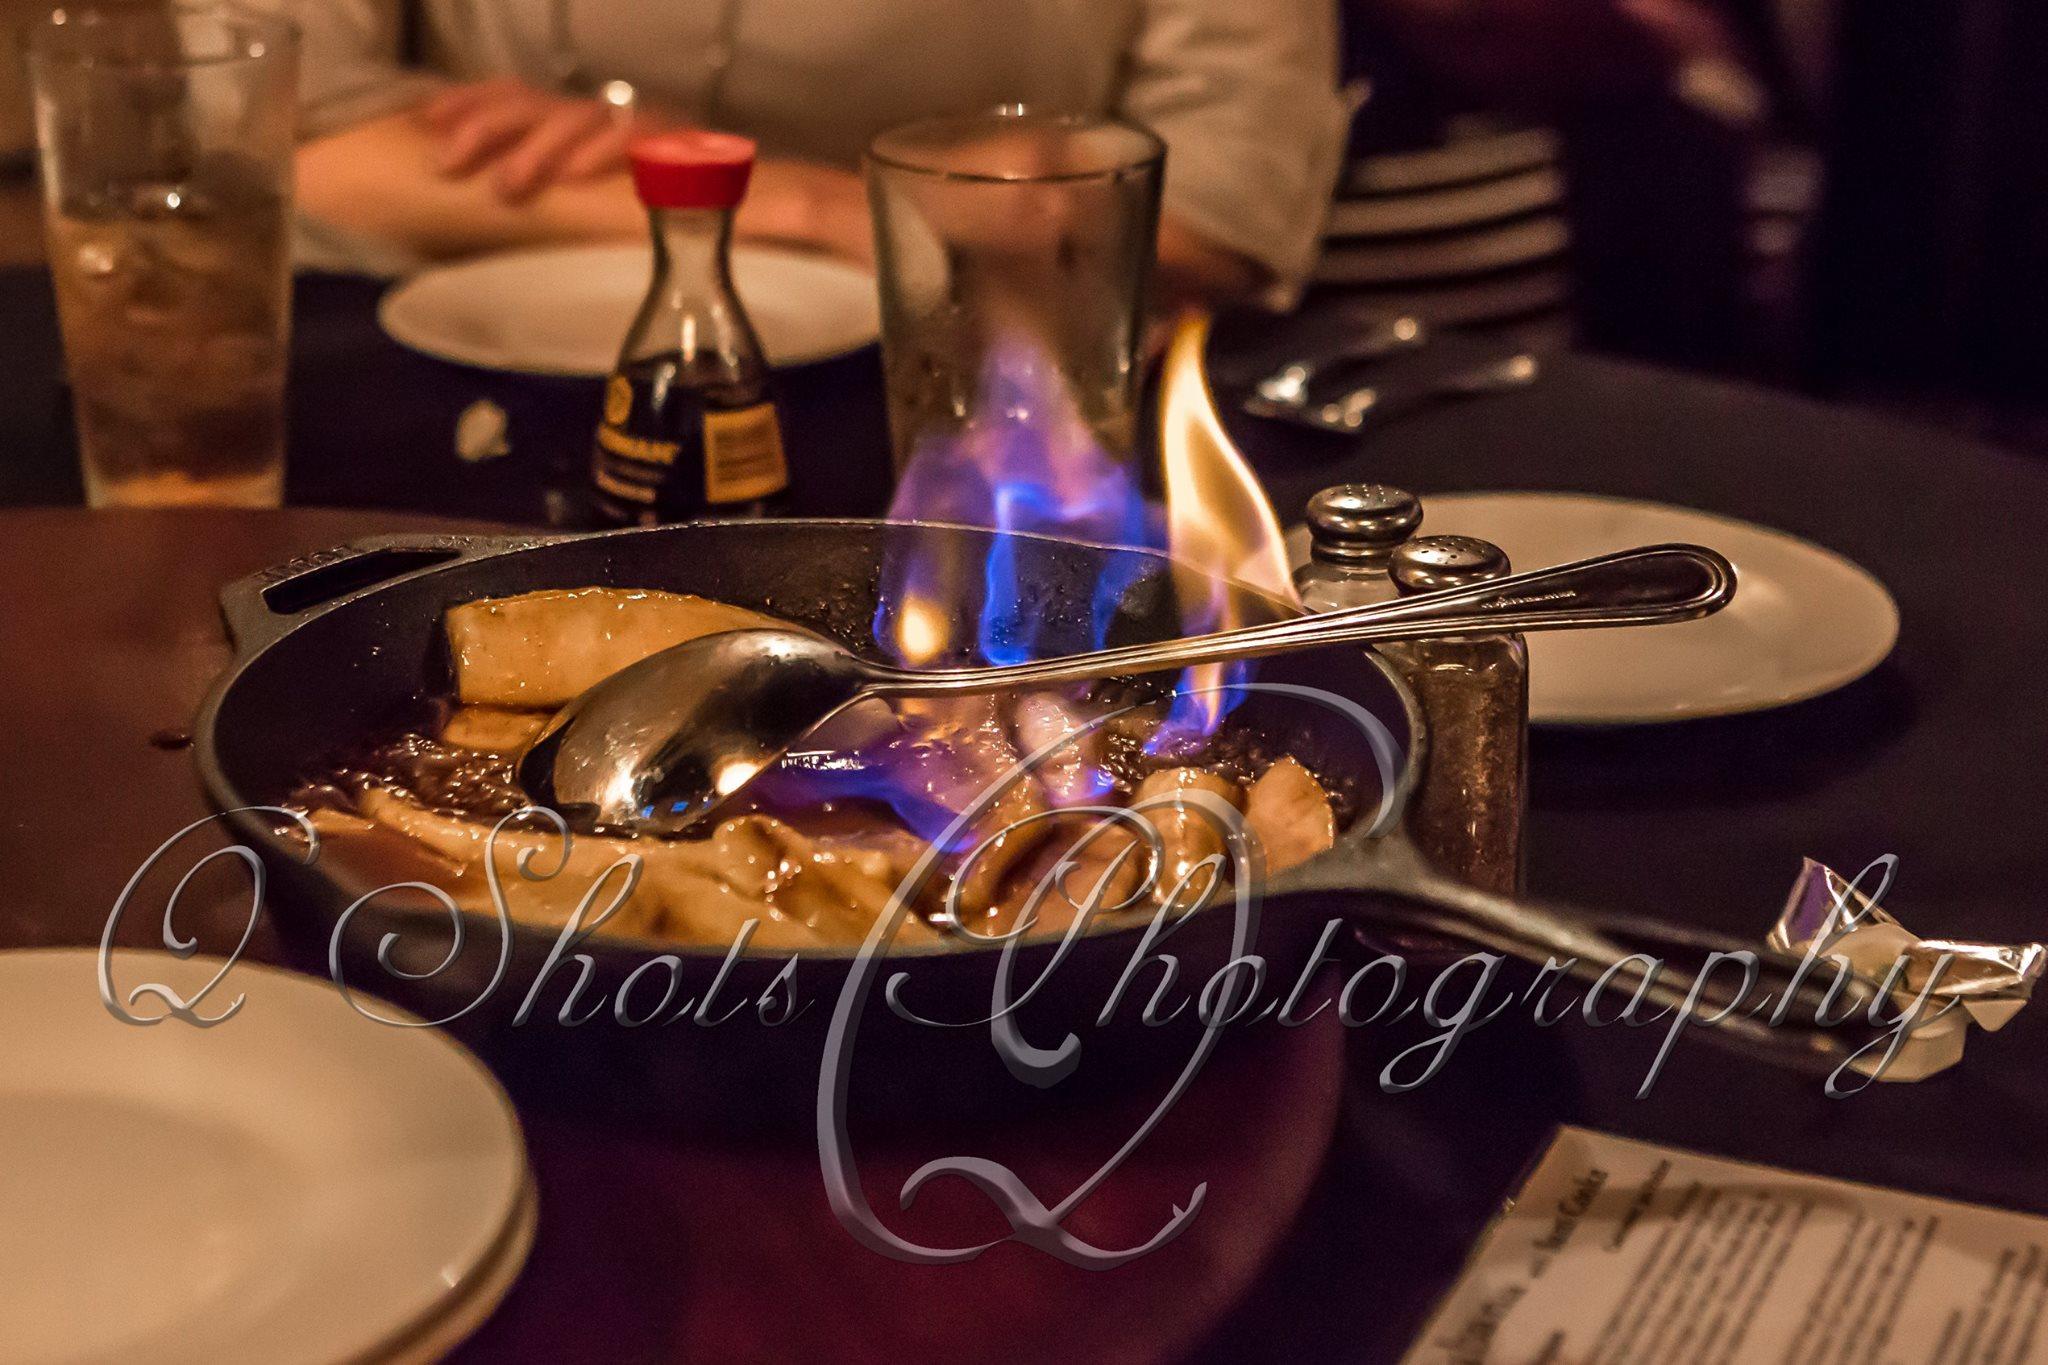 SouthernBroadway_DinnerTheater_AnEveningAtTheCopa_FlambeedBananasFoster.jpg